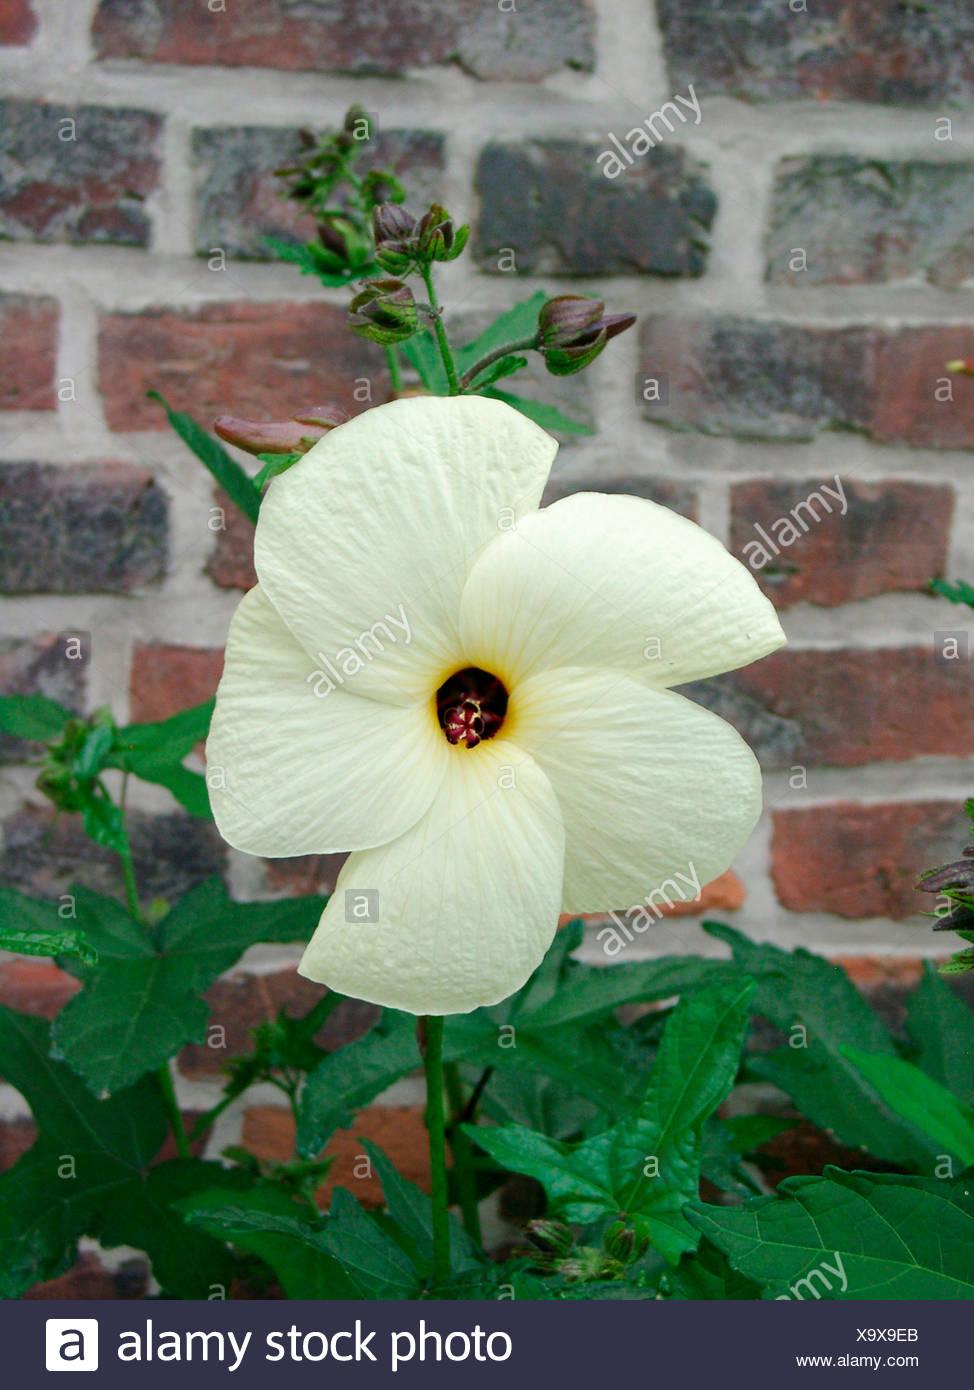 Abelmoschus Manihot Edible Hibiscus Stock Photo 281476003 Alamy